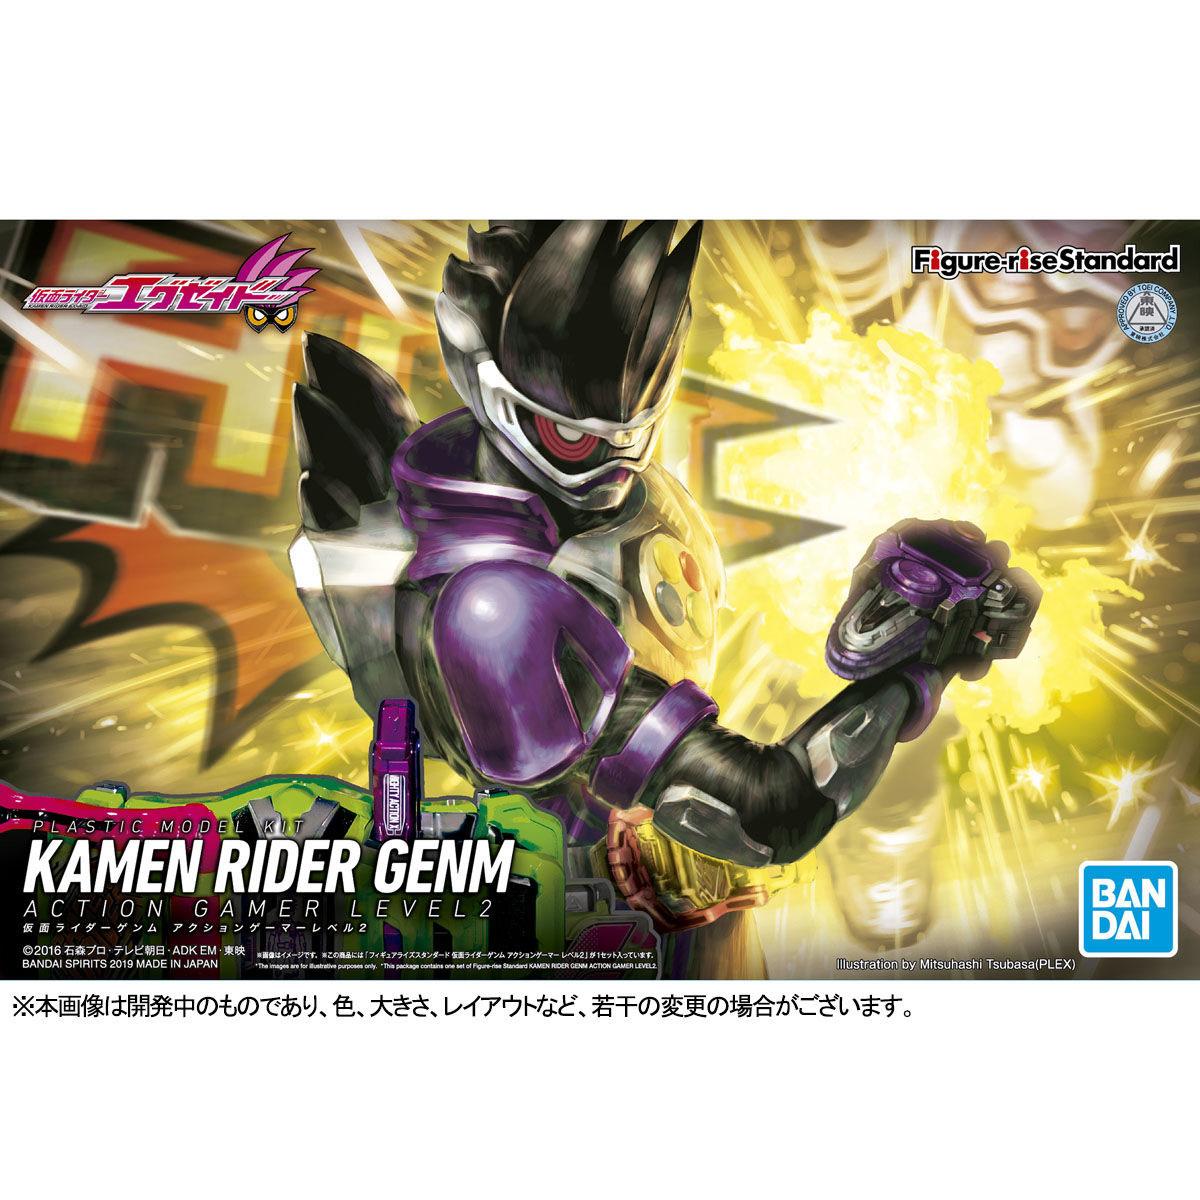 【限定販売】Figure-rise Standard『仮面ライダーゲンム アクションゲーマー レベル2』プラモデル-009